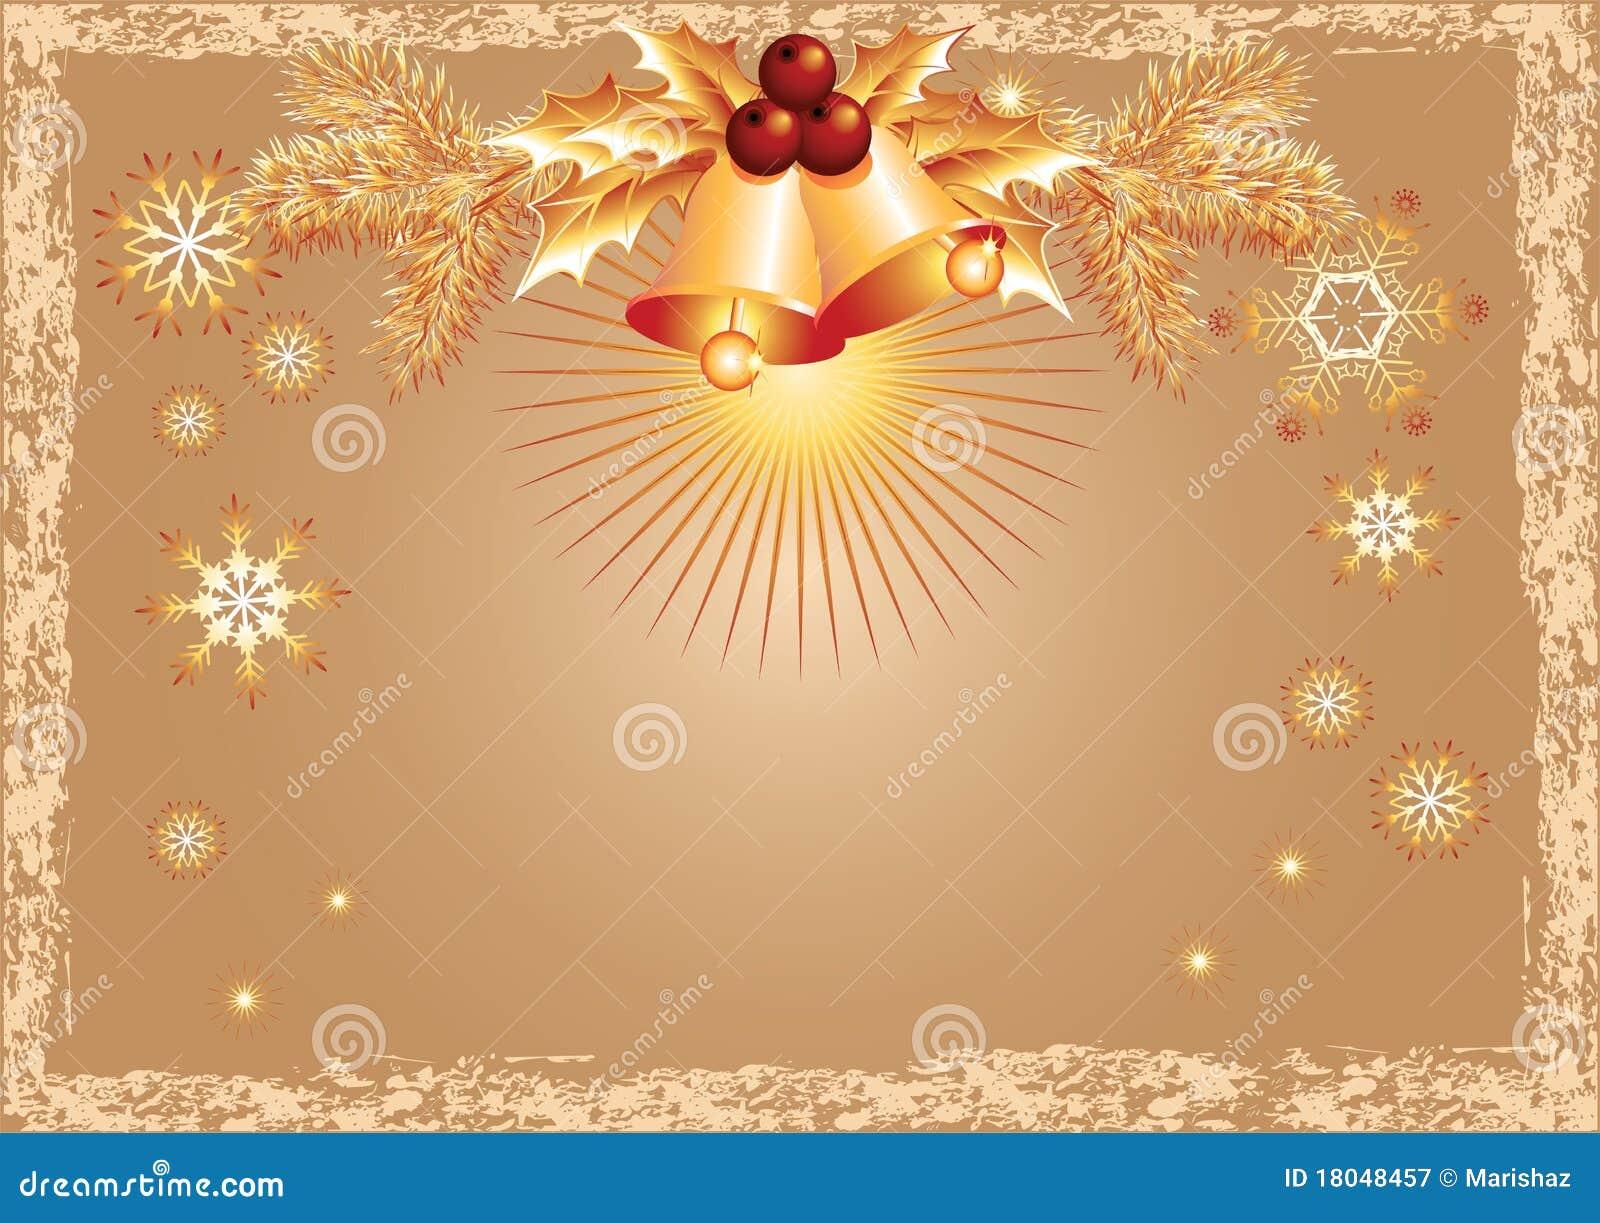 Fundo do natal com sinos fotografia de stock royalty free for Bordas para mural